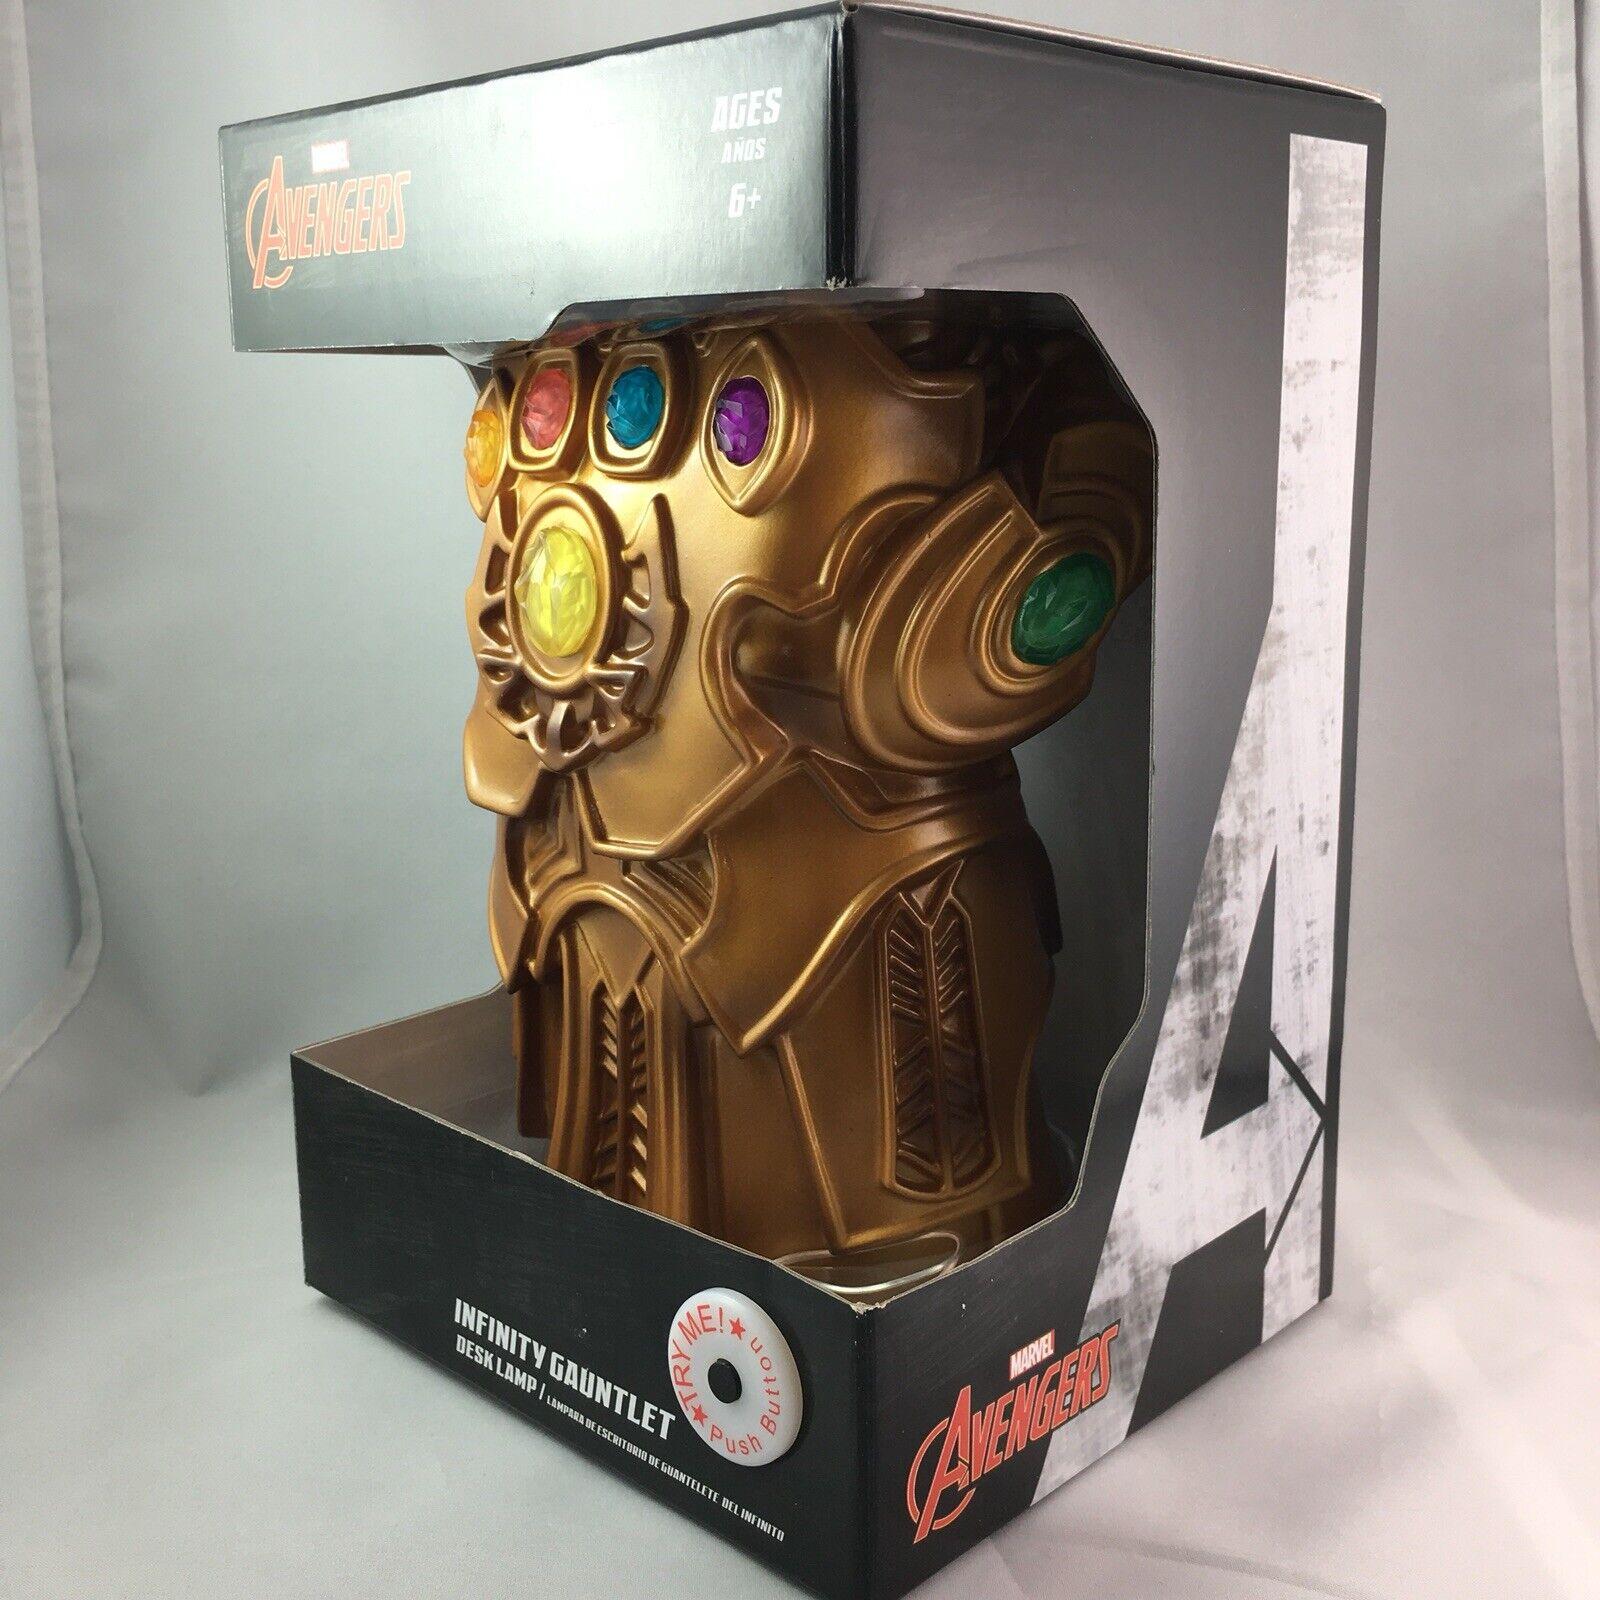 Marvel Avengers Infinity Gauntlet LED Desk Lamp Light Up Infinity Gem Stones